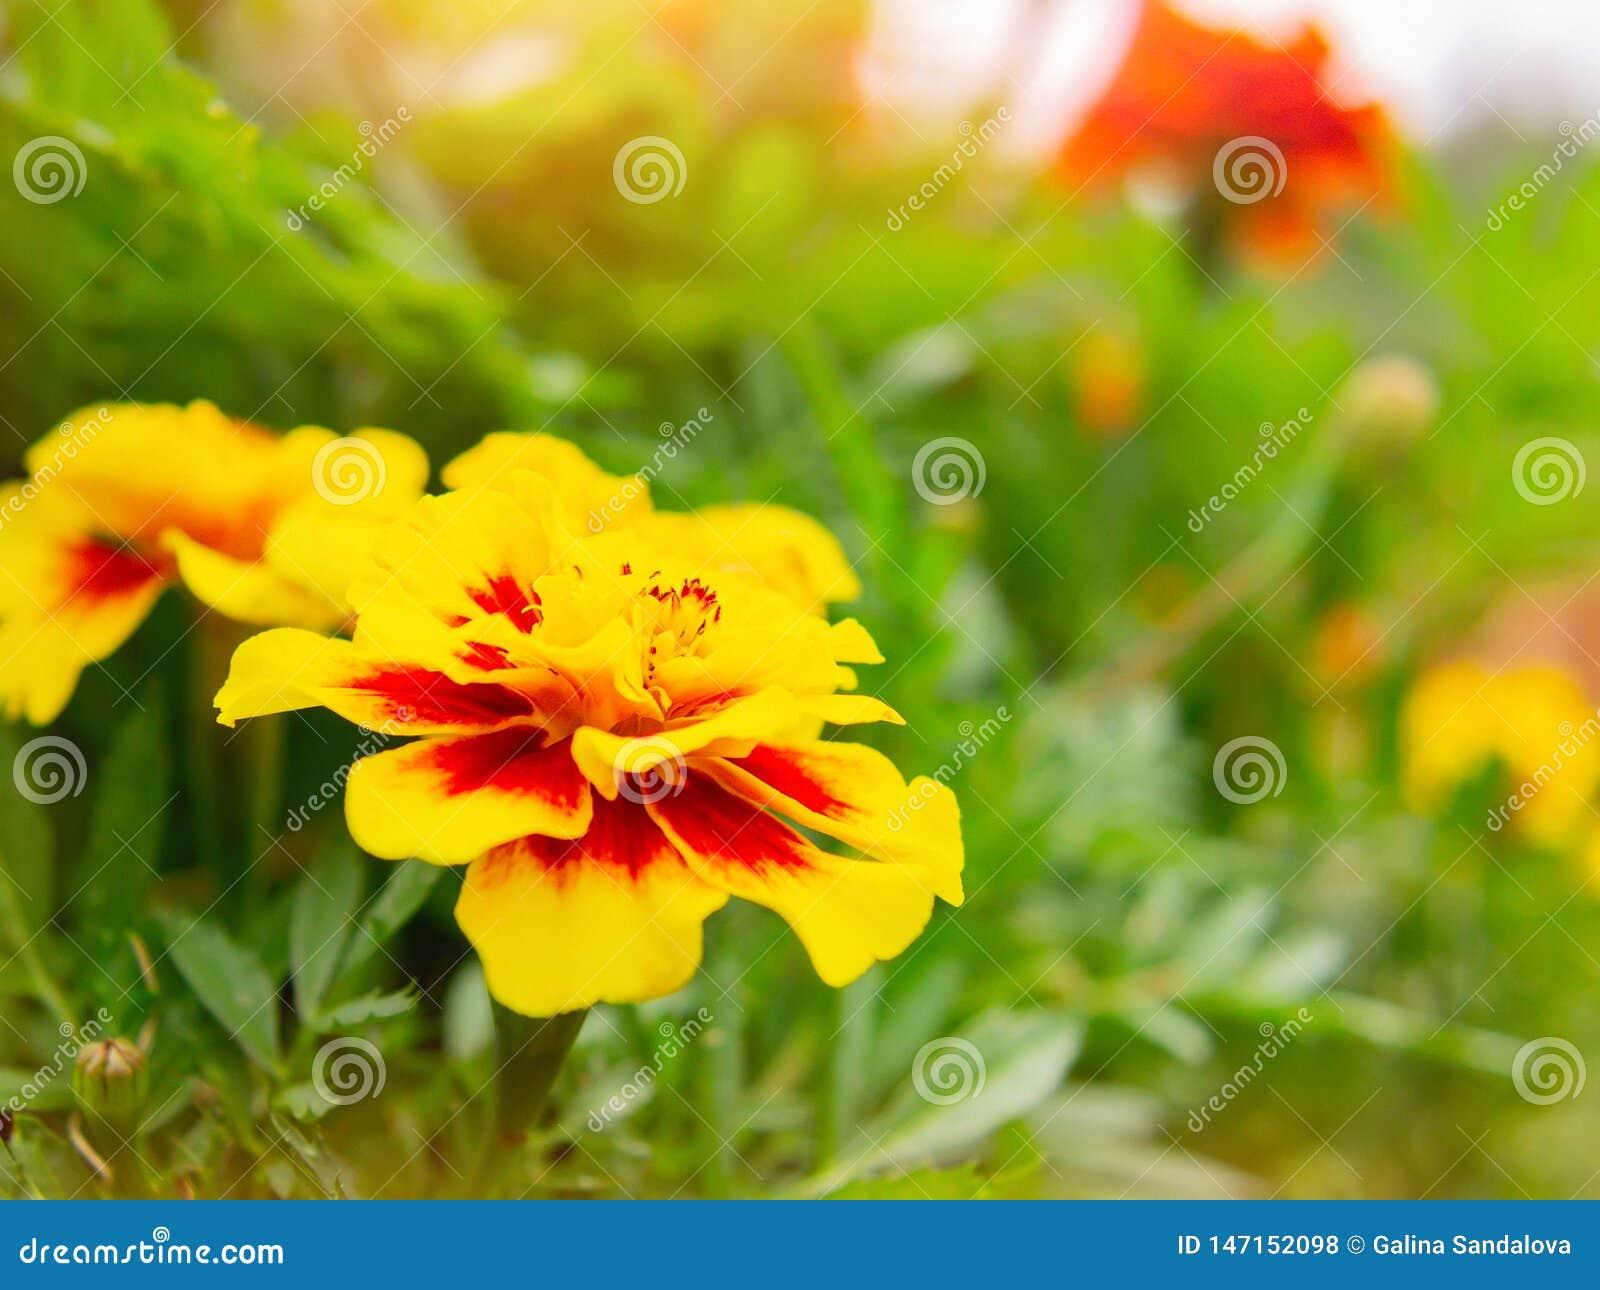 Ringelblumenblume auf einem Blumenbeet im Garten Unscharfer Hintergrund, selektiver Fokus, Nahaufnahme